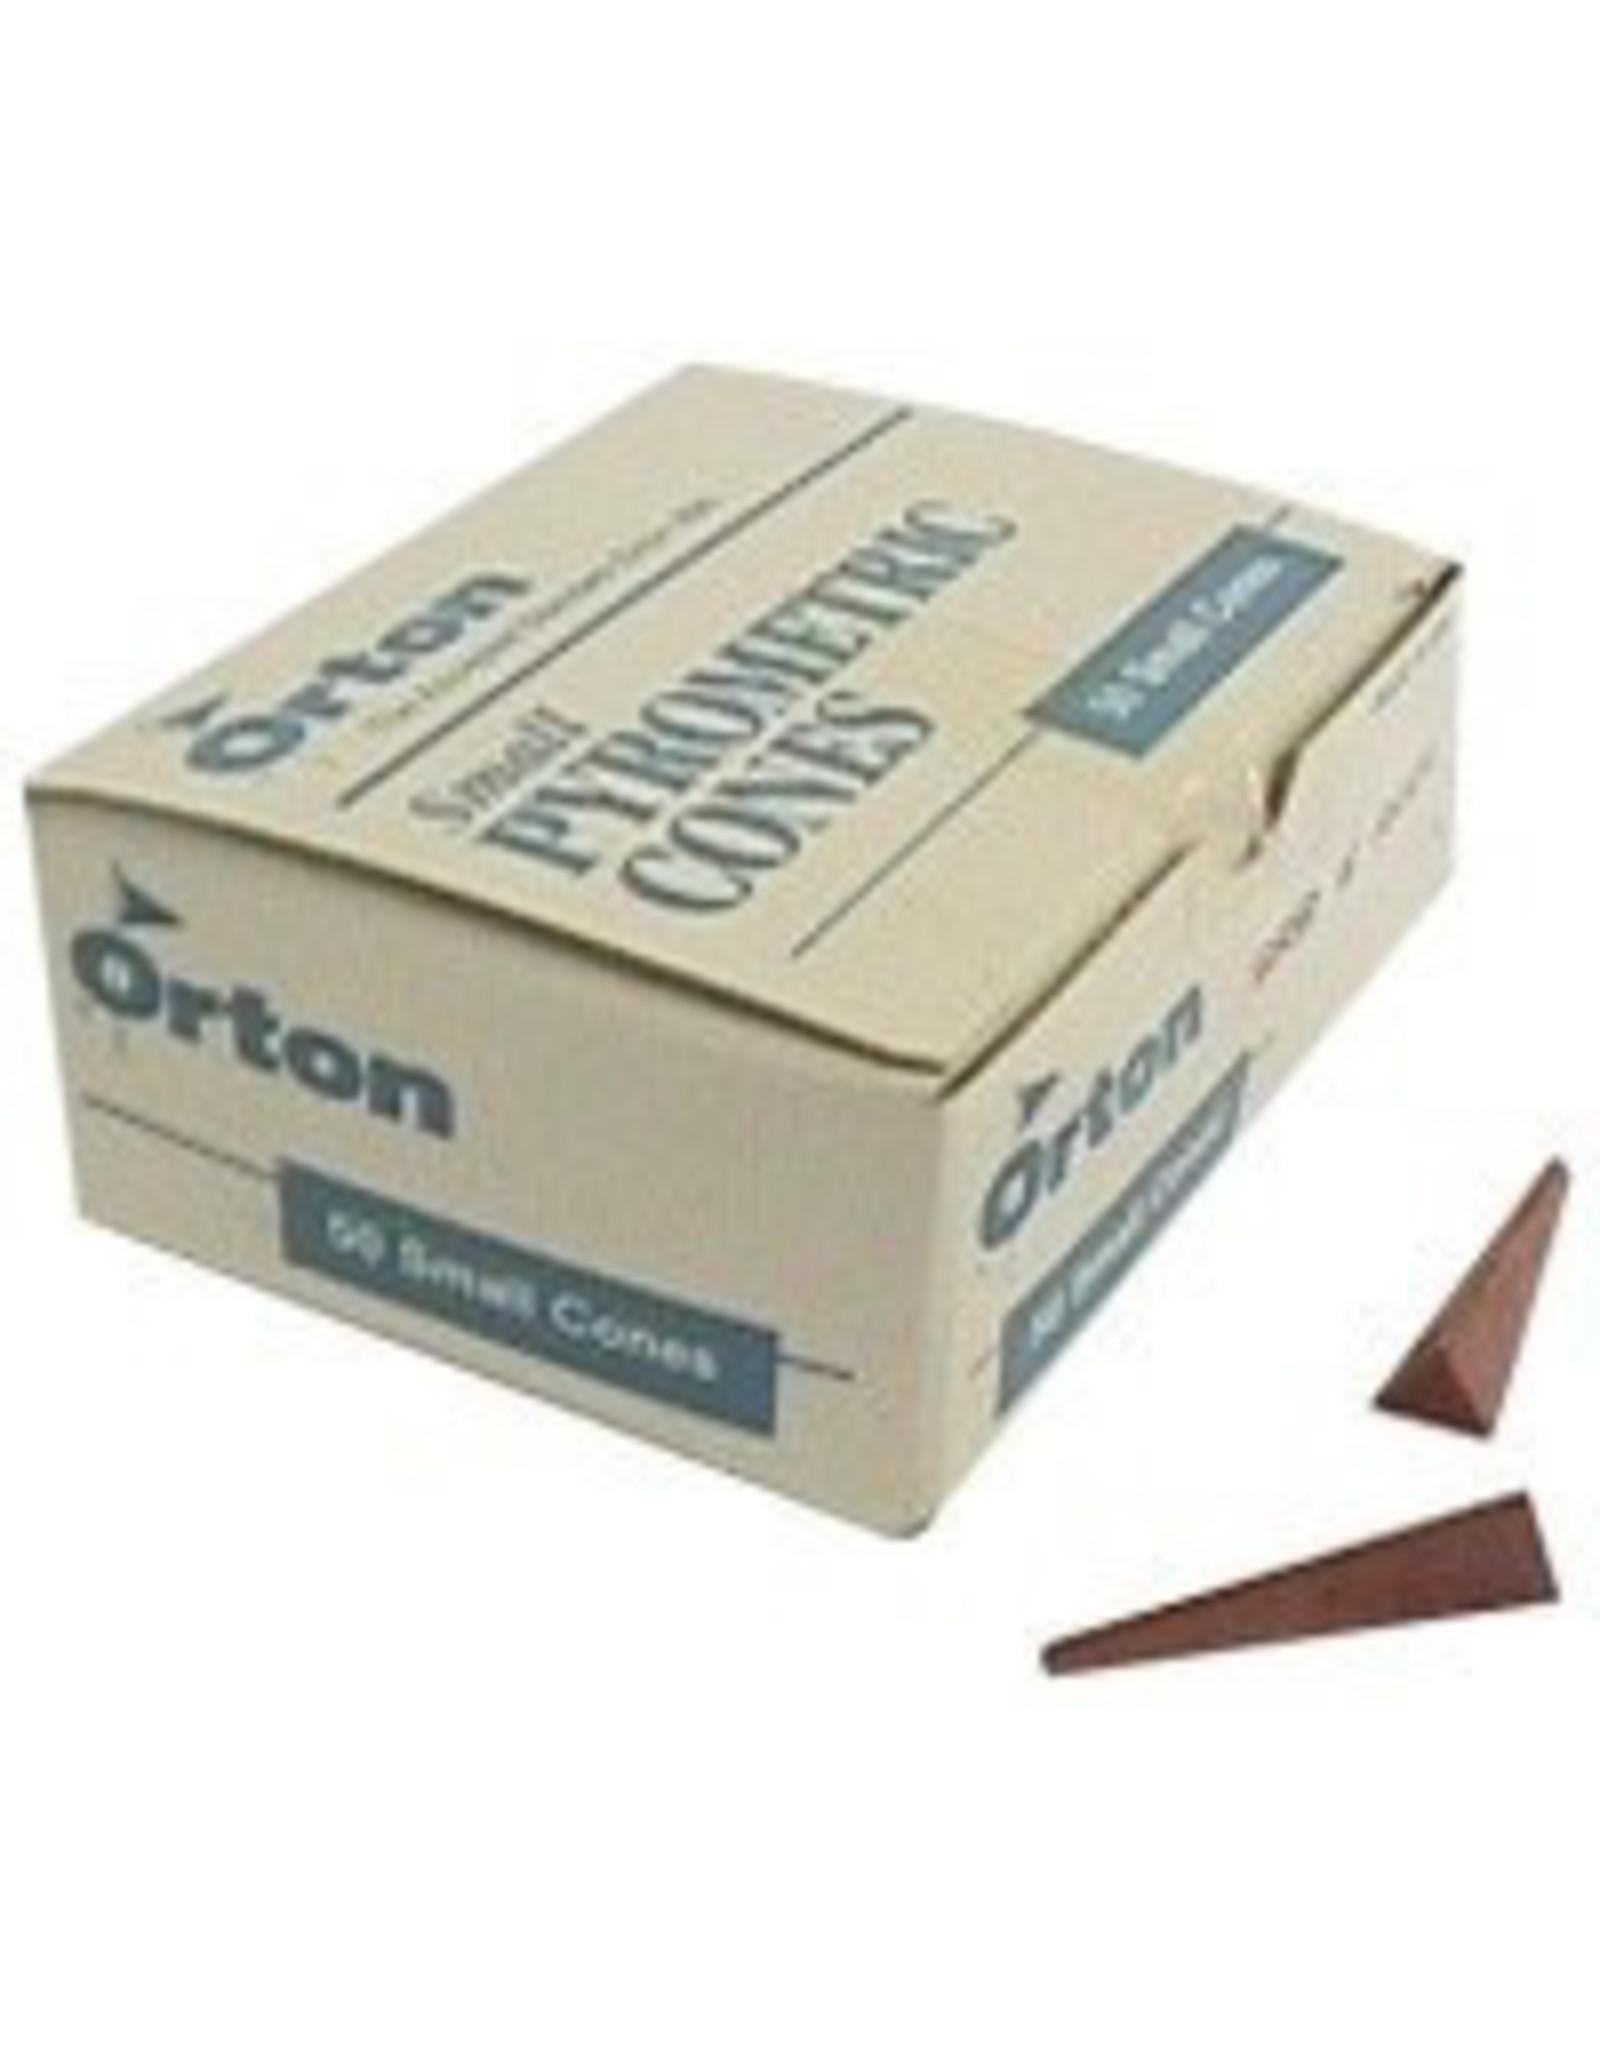 Orton midget cone 01